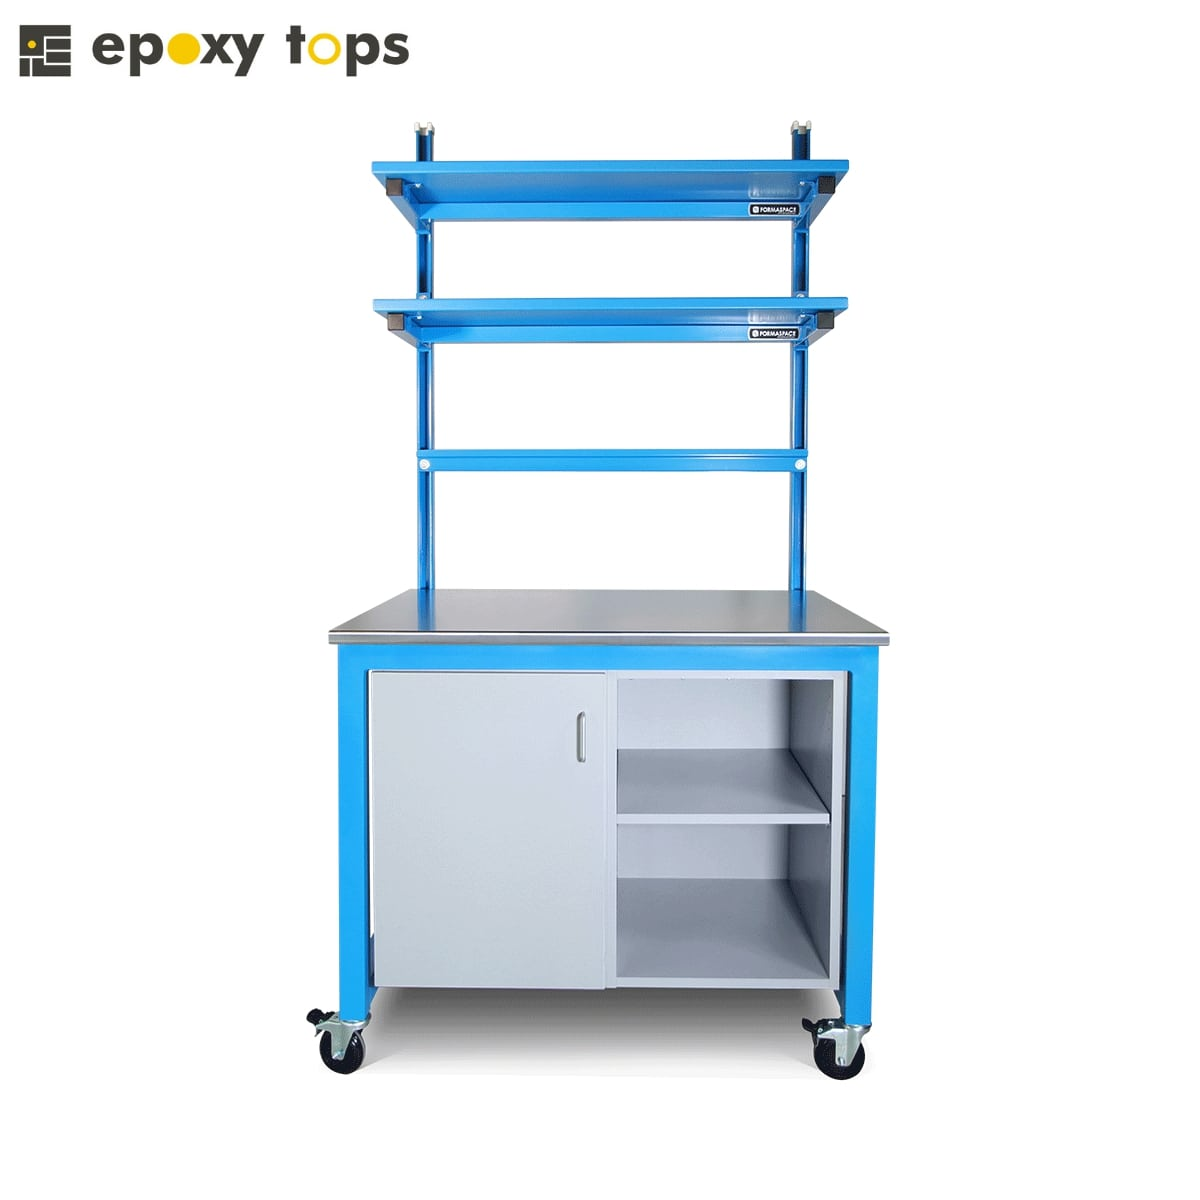 blue workbench with storage